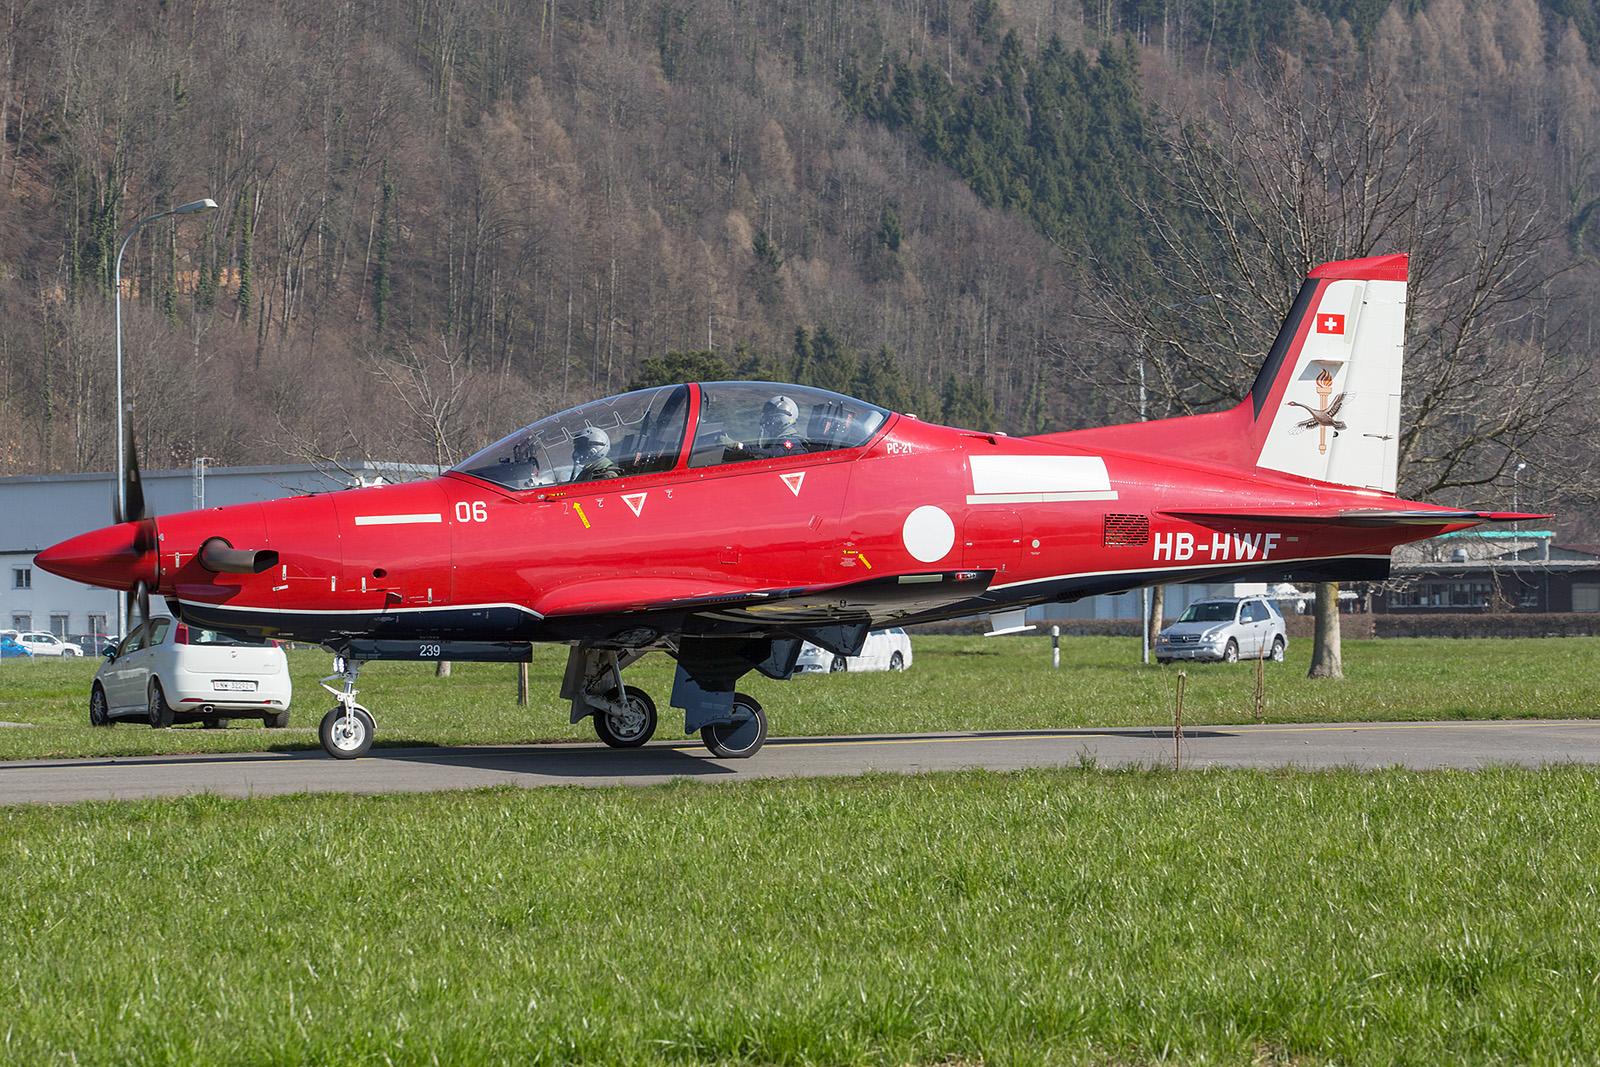 PC-21 Nummer 06 für die Royal Australian Air Force nach einem Einweisungsflug für die zukünftigen Besatzungen.